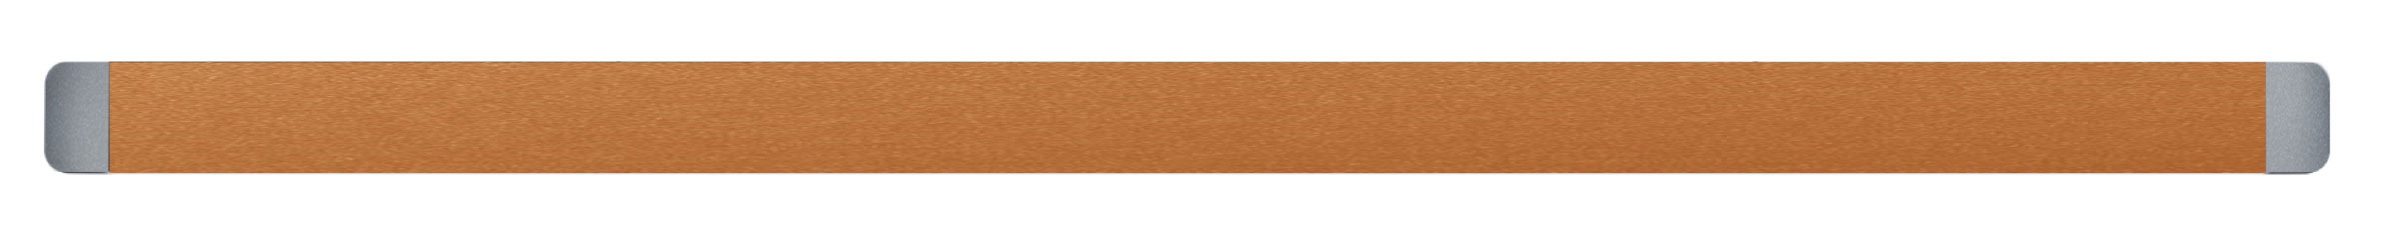 Stylecover Kupfer Effektlack (Metall)